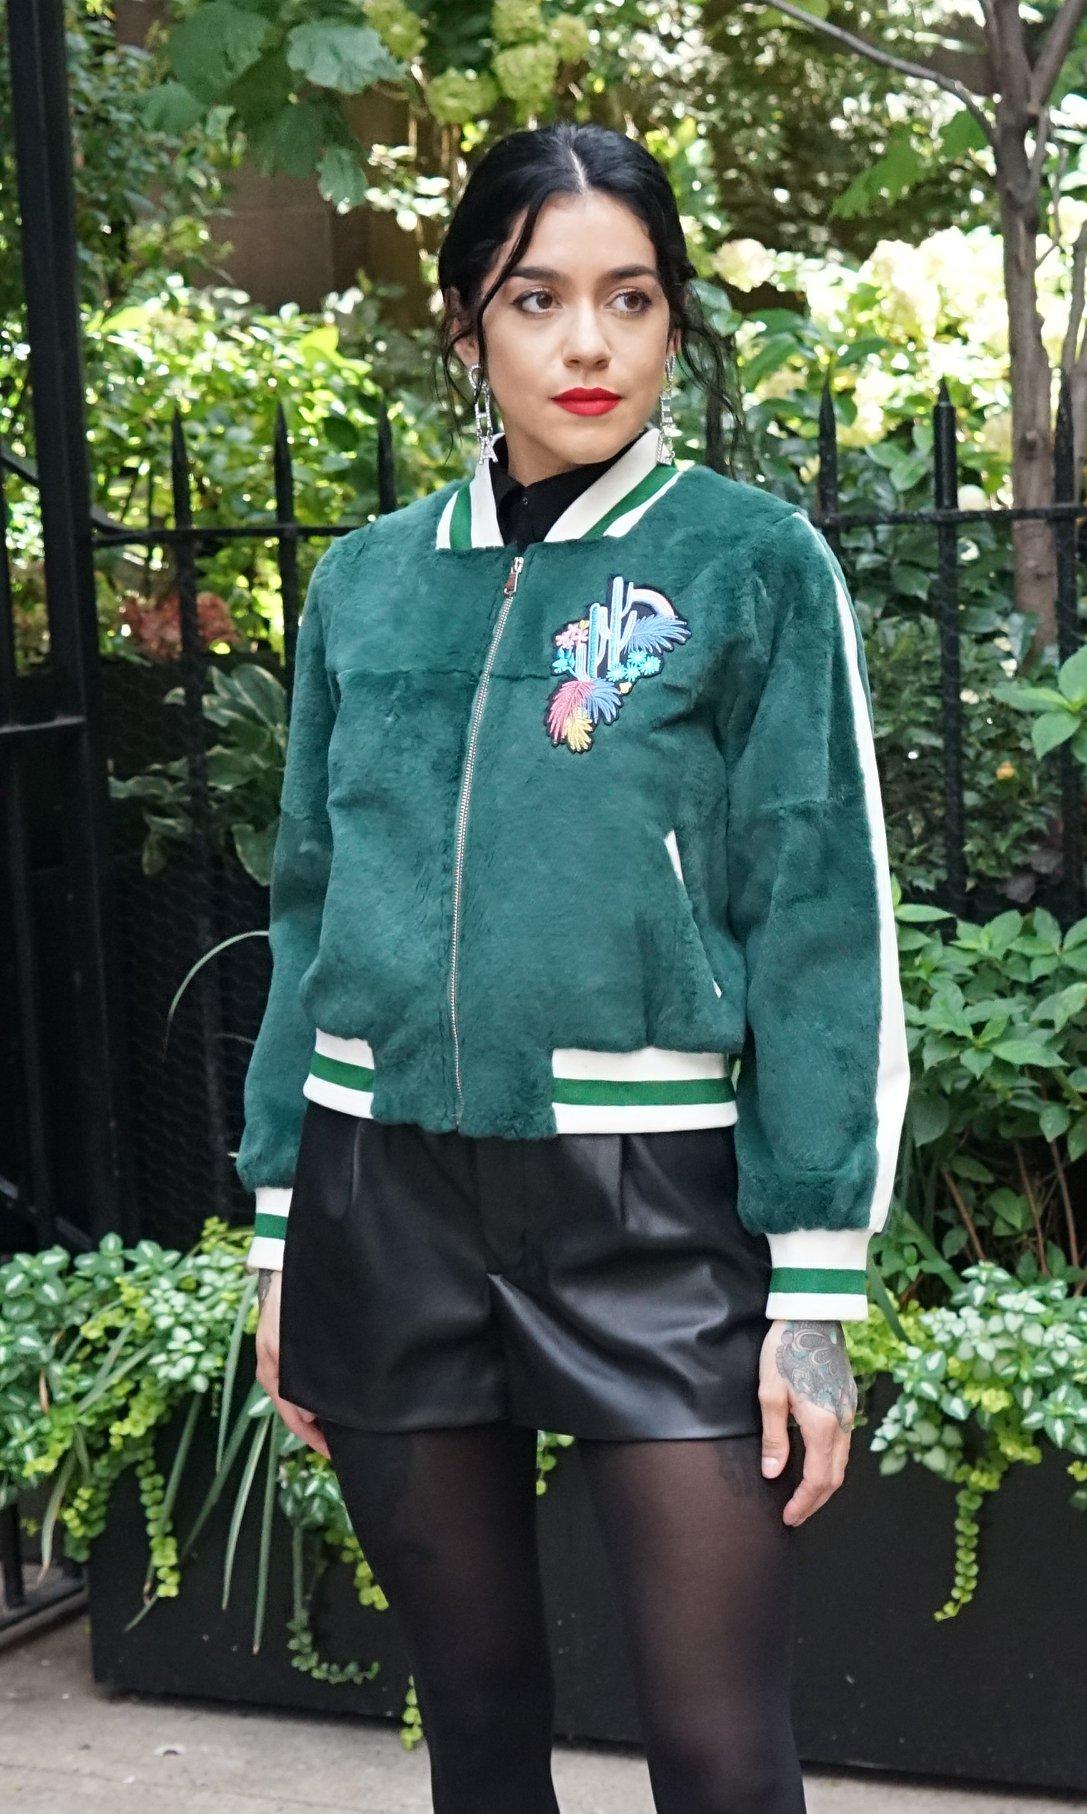 Green Rex Rabbit Jacket